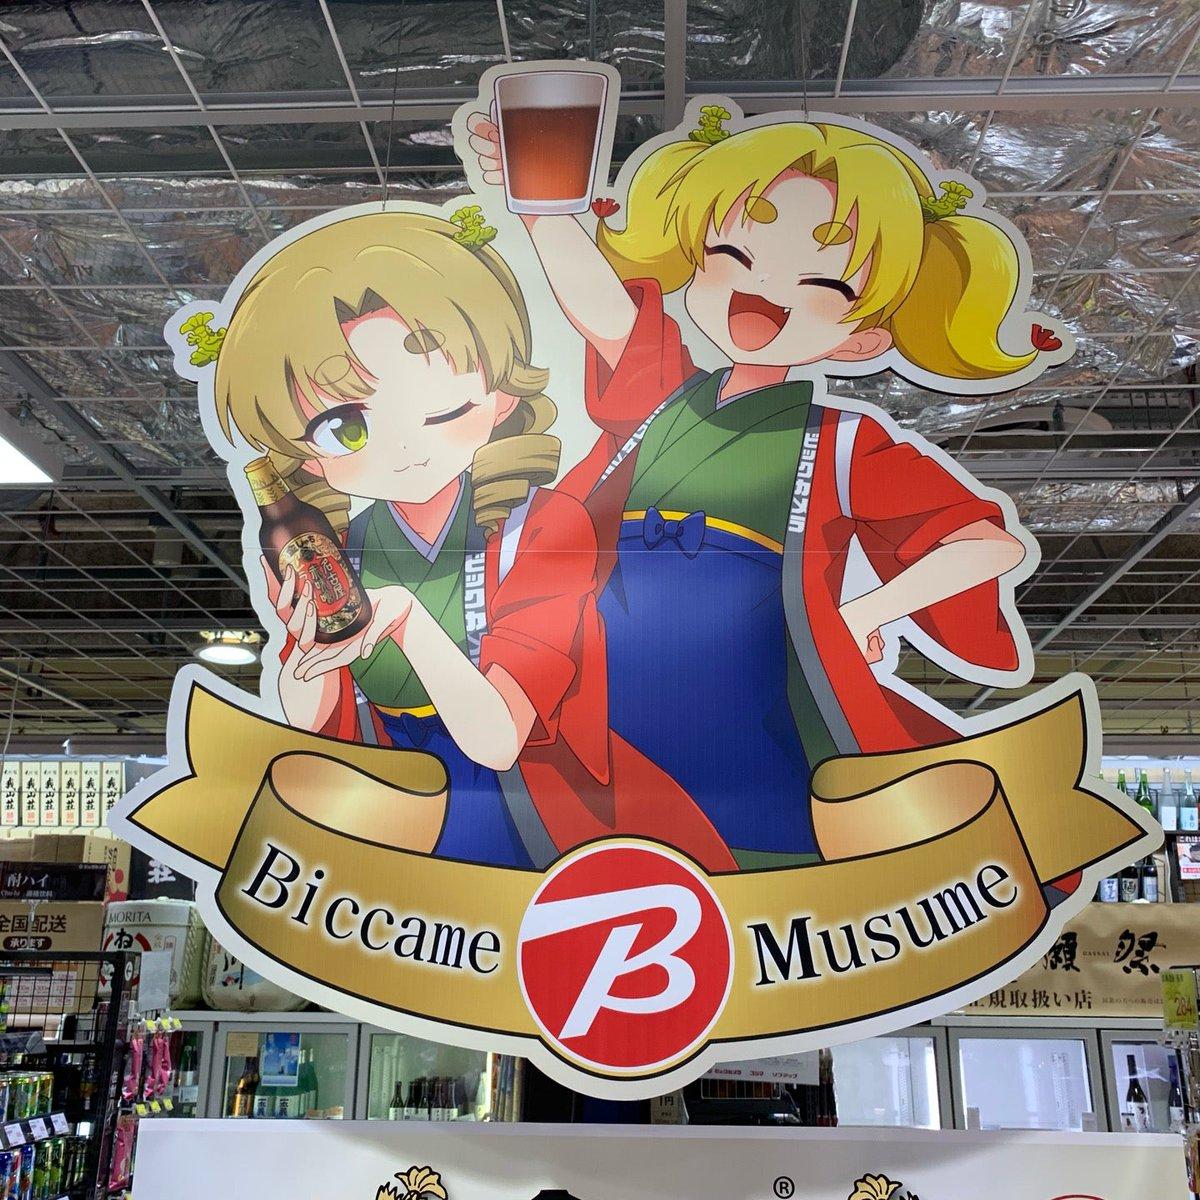 ビックカメラ 名古屋JRゲートタワー店(2)Biccame Musume